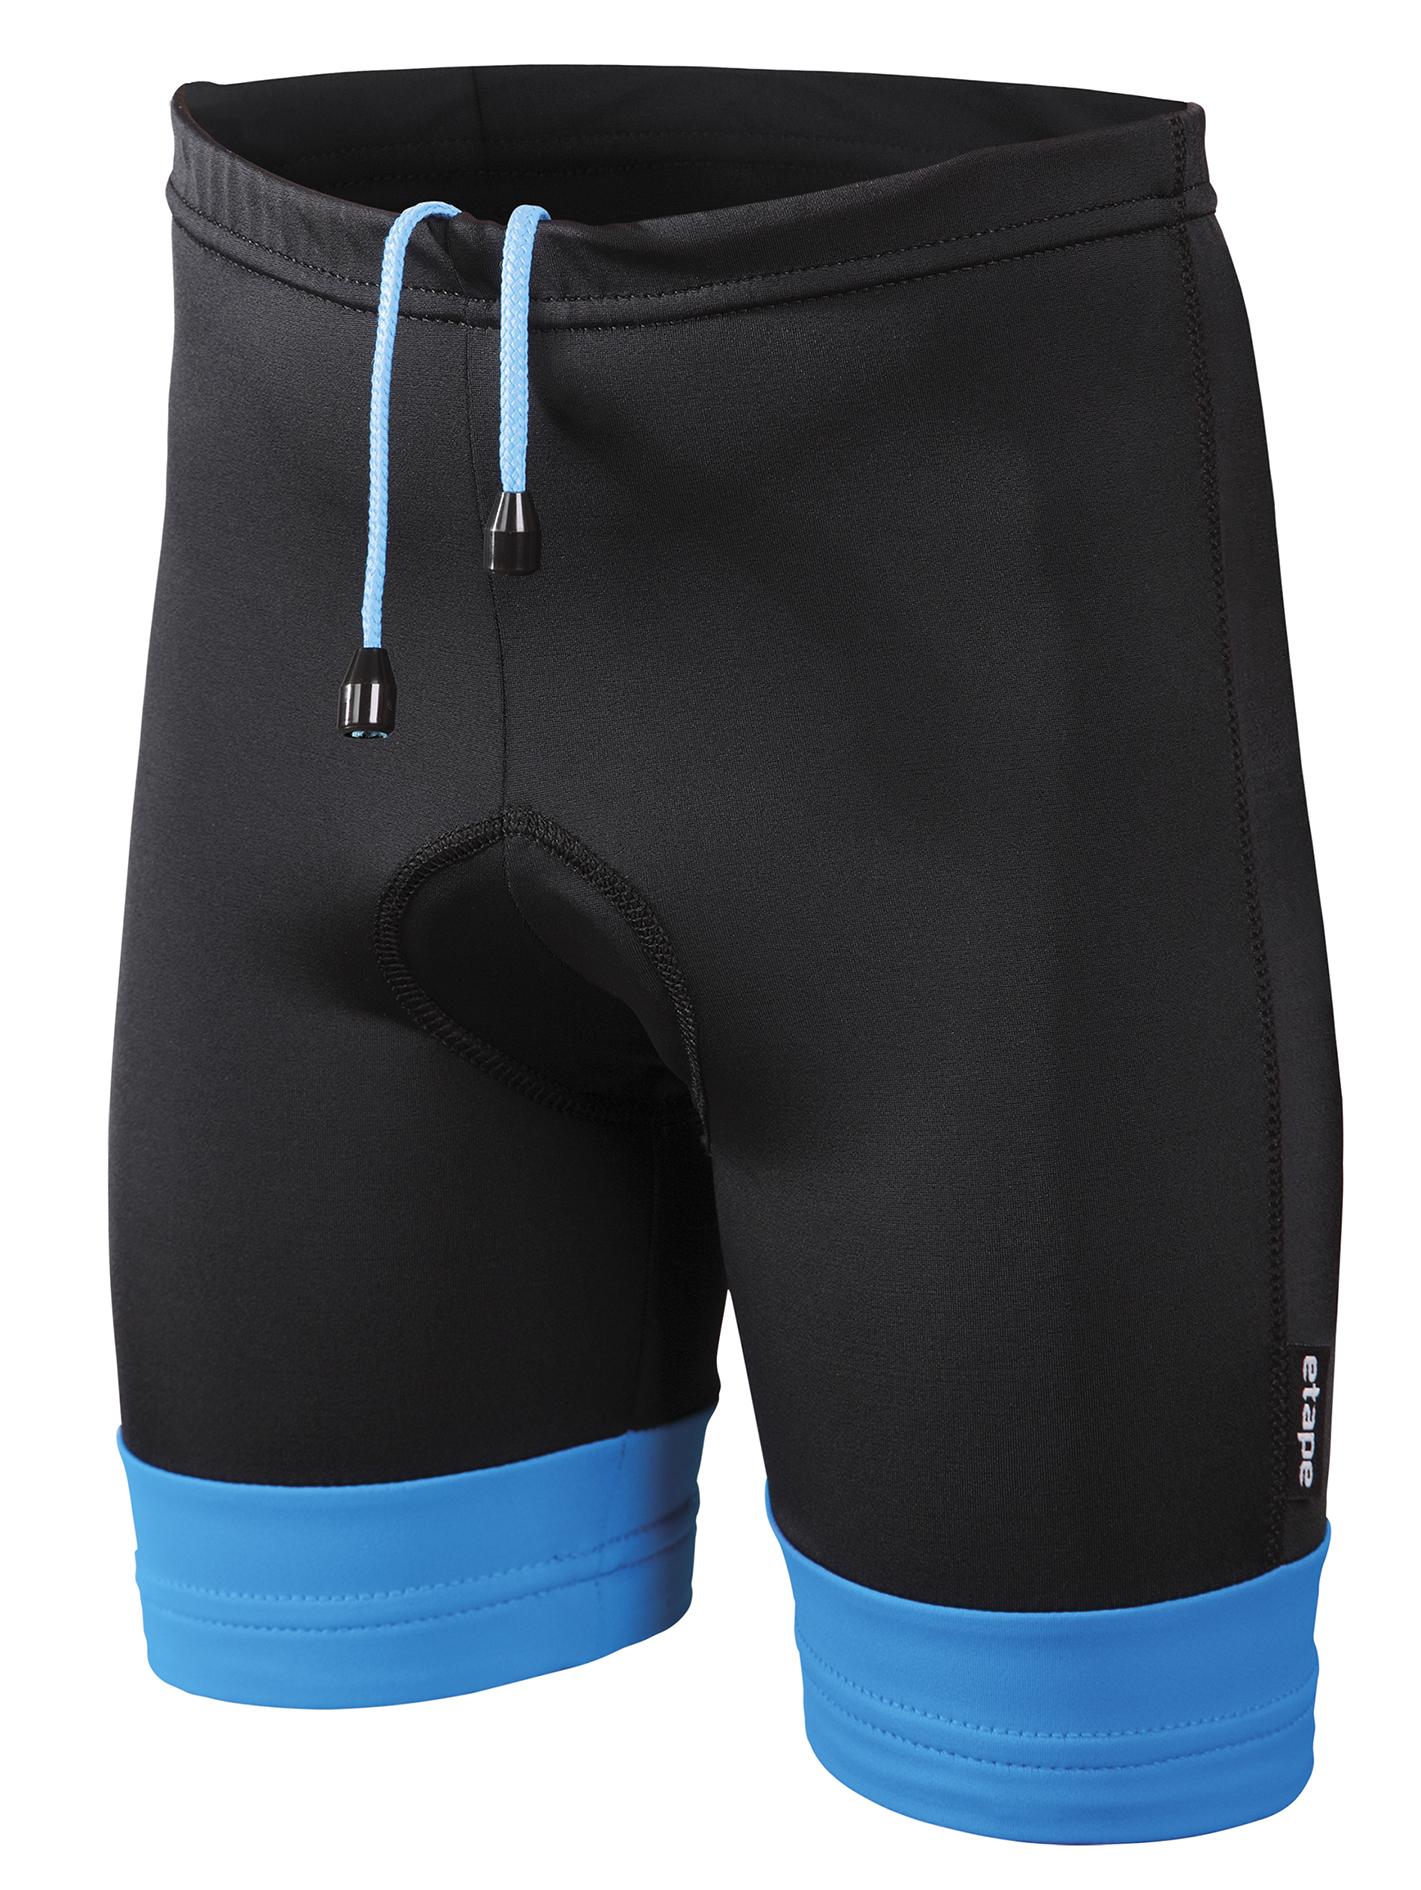 Dětské cyklistické kraťasy ETAPE Junior, 152/158, černá/modrá, model 2017 (Dětské kraťasy Etape, s vložkou )